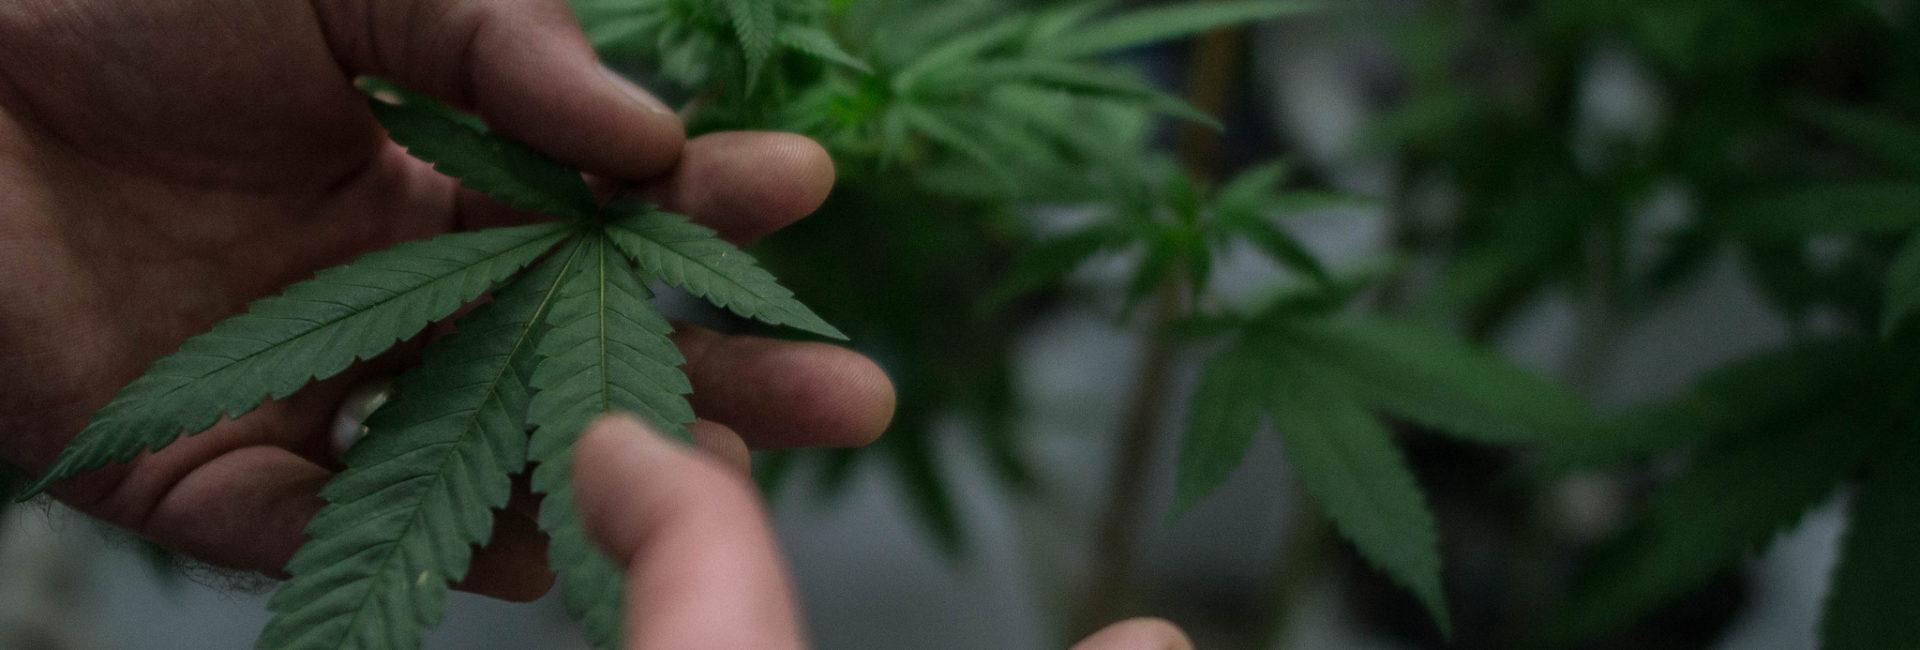 """Informe especial: Cannabis medicinal en Argentina – por Nelson Castro, en """"La mirada despierta"""" – 21/3/19"""